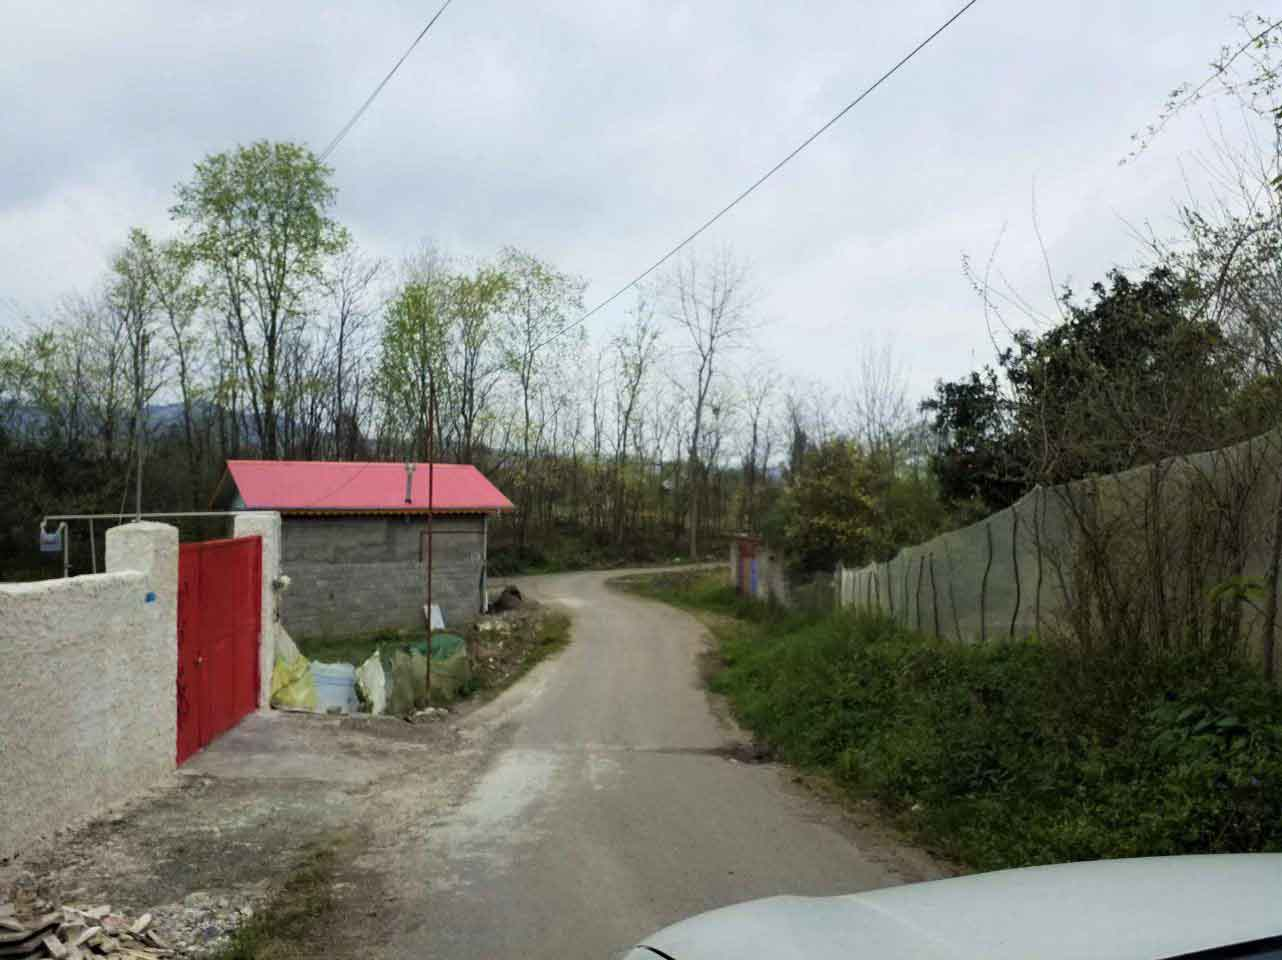 فروش زمین مسکونی جنگلی عالی در رانکوه املش